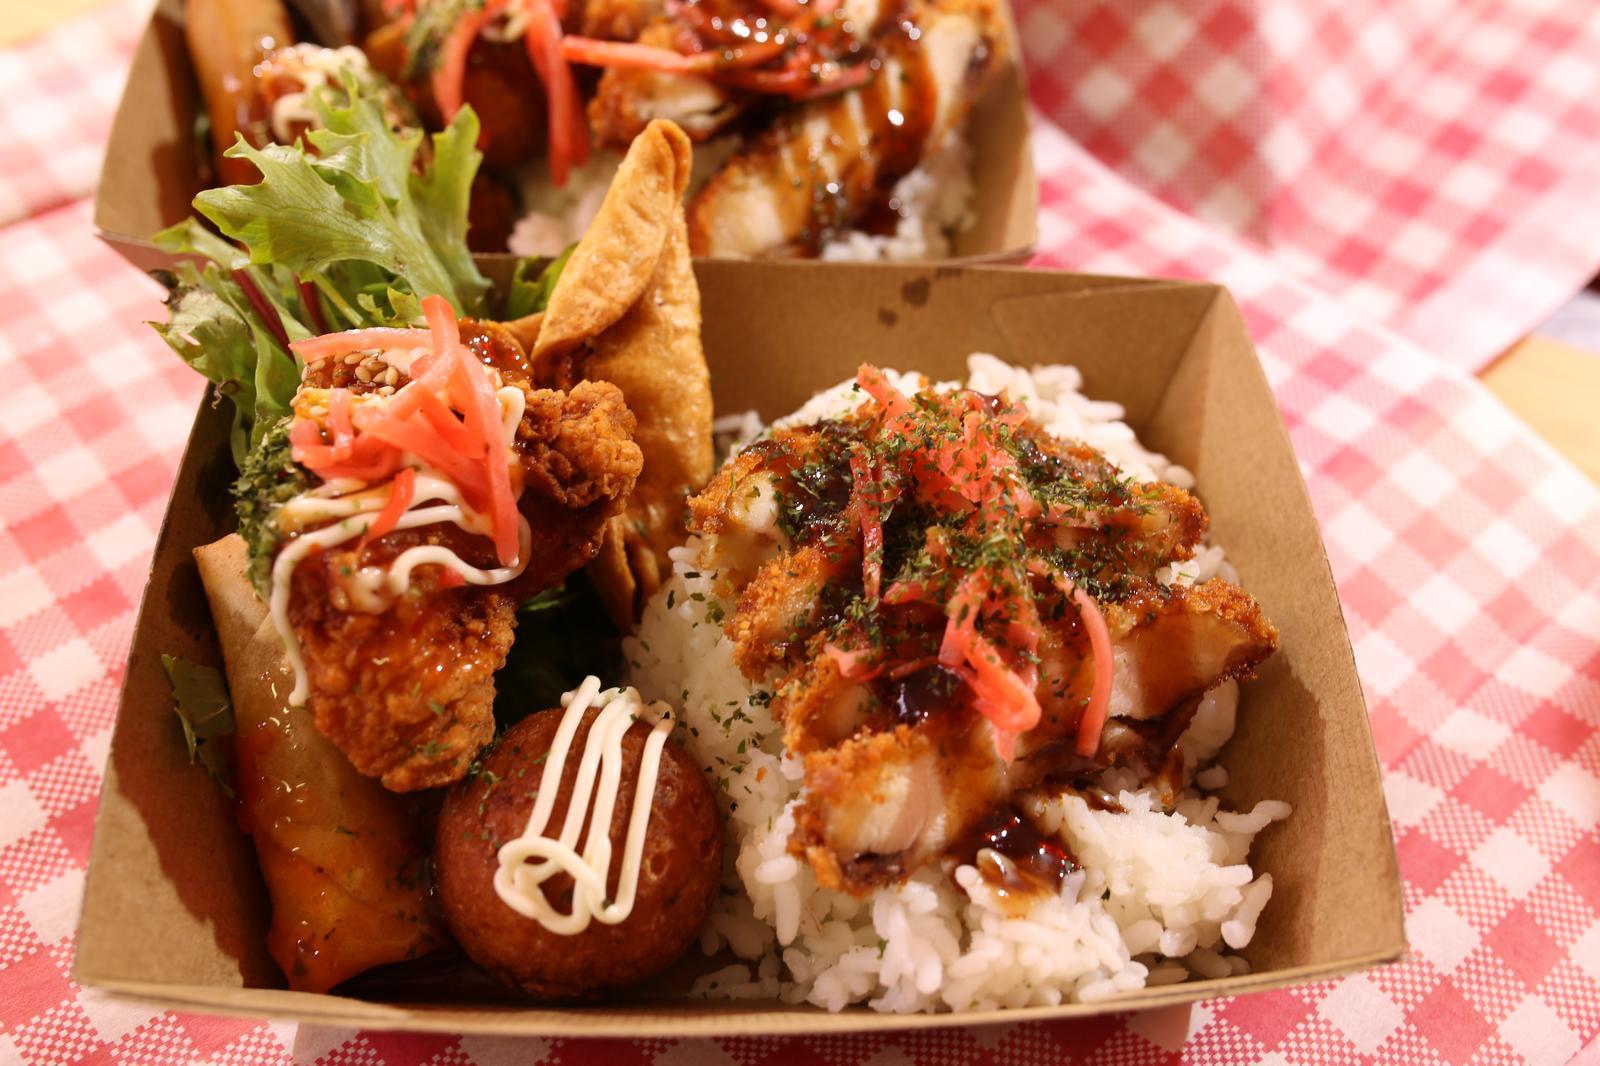 Oishii Assorted Bento Box